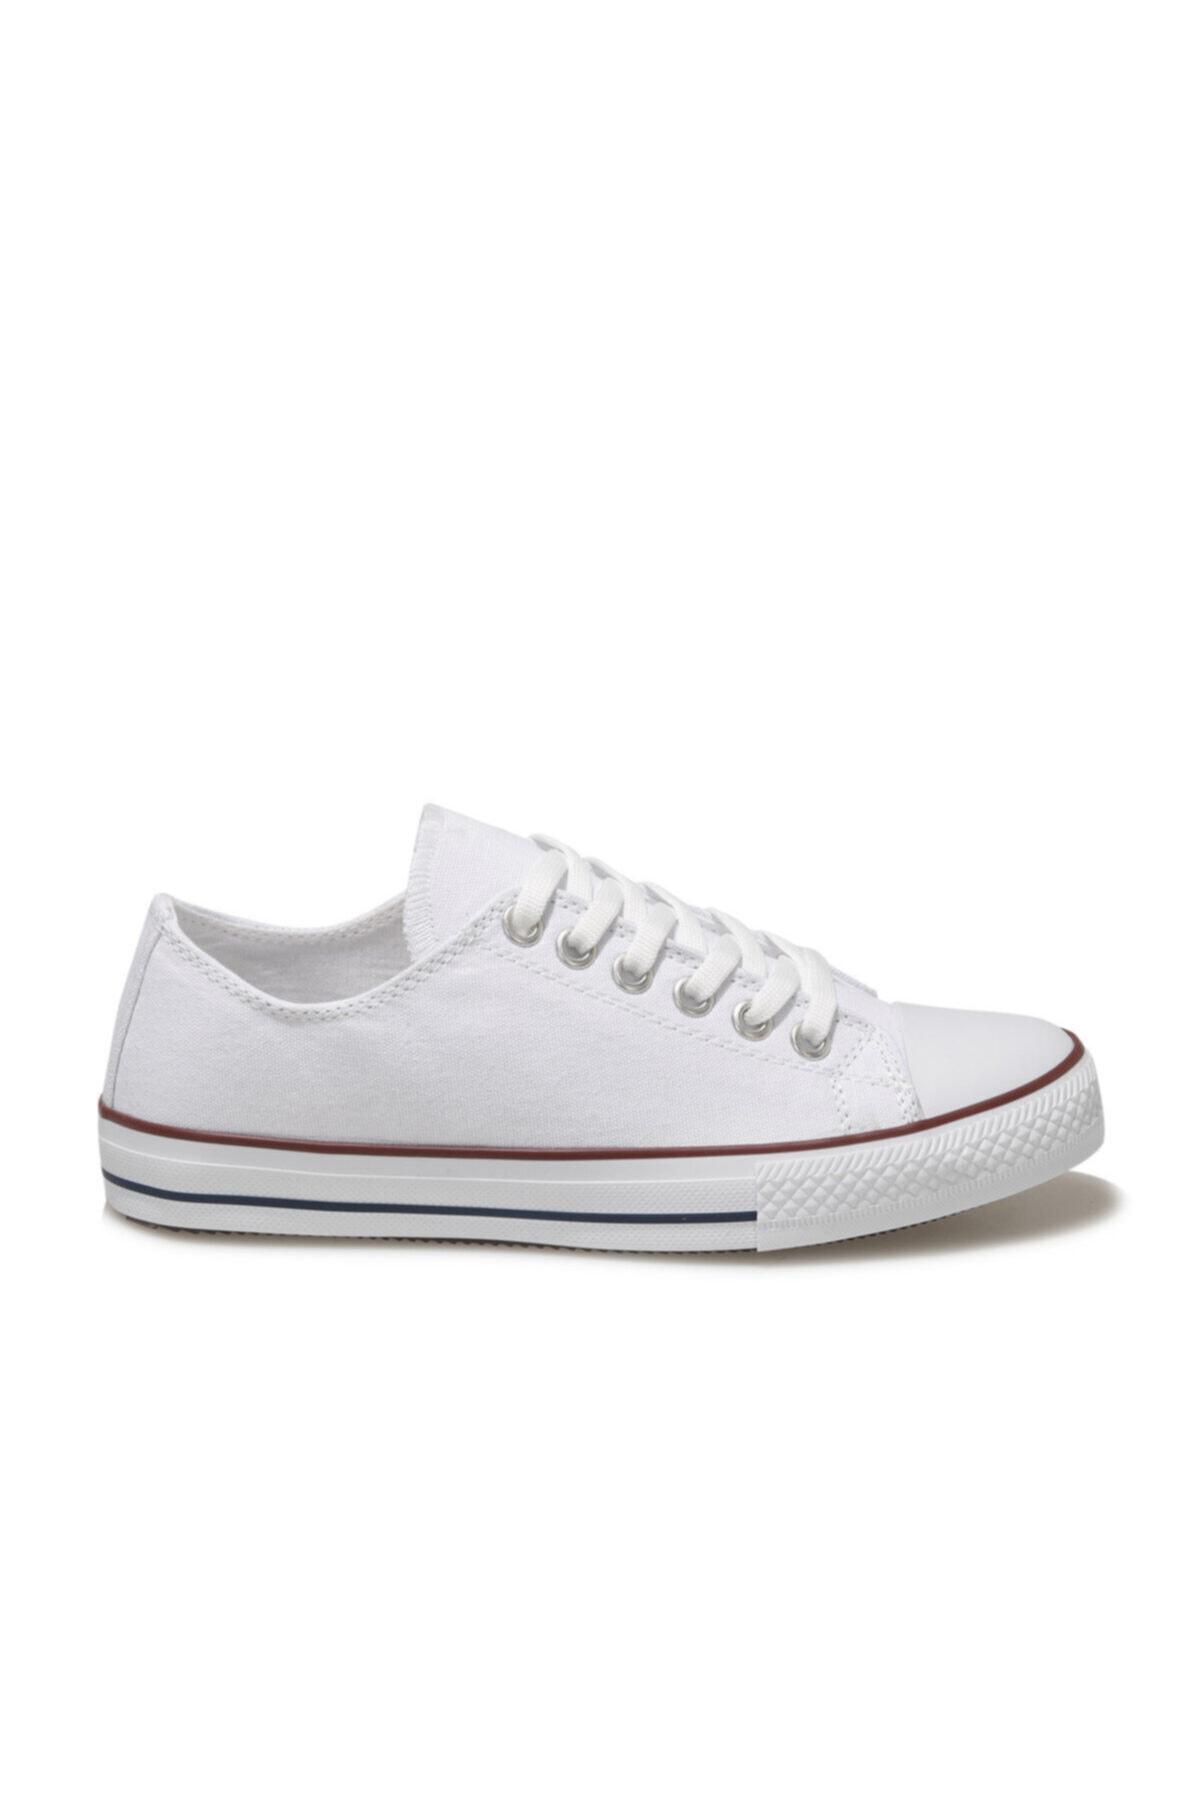 Polaris 356759.M1FX Beyaz Erkek Sneaker Ayakkabı 101015135 2